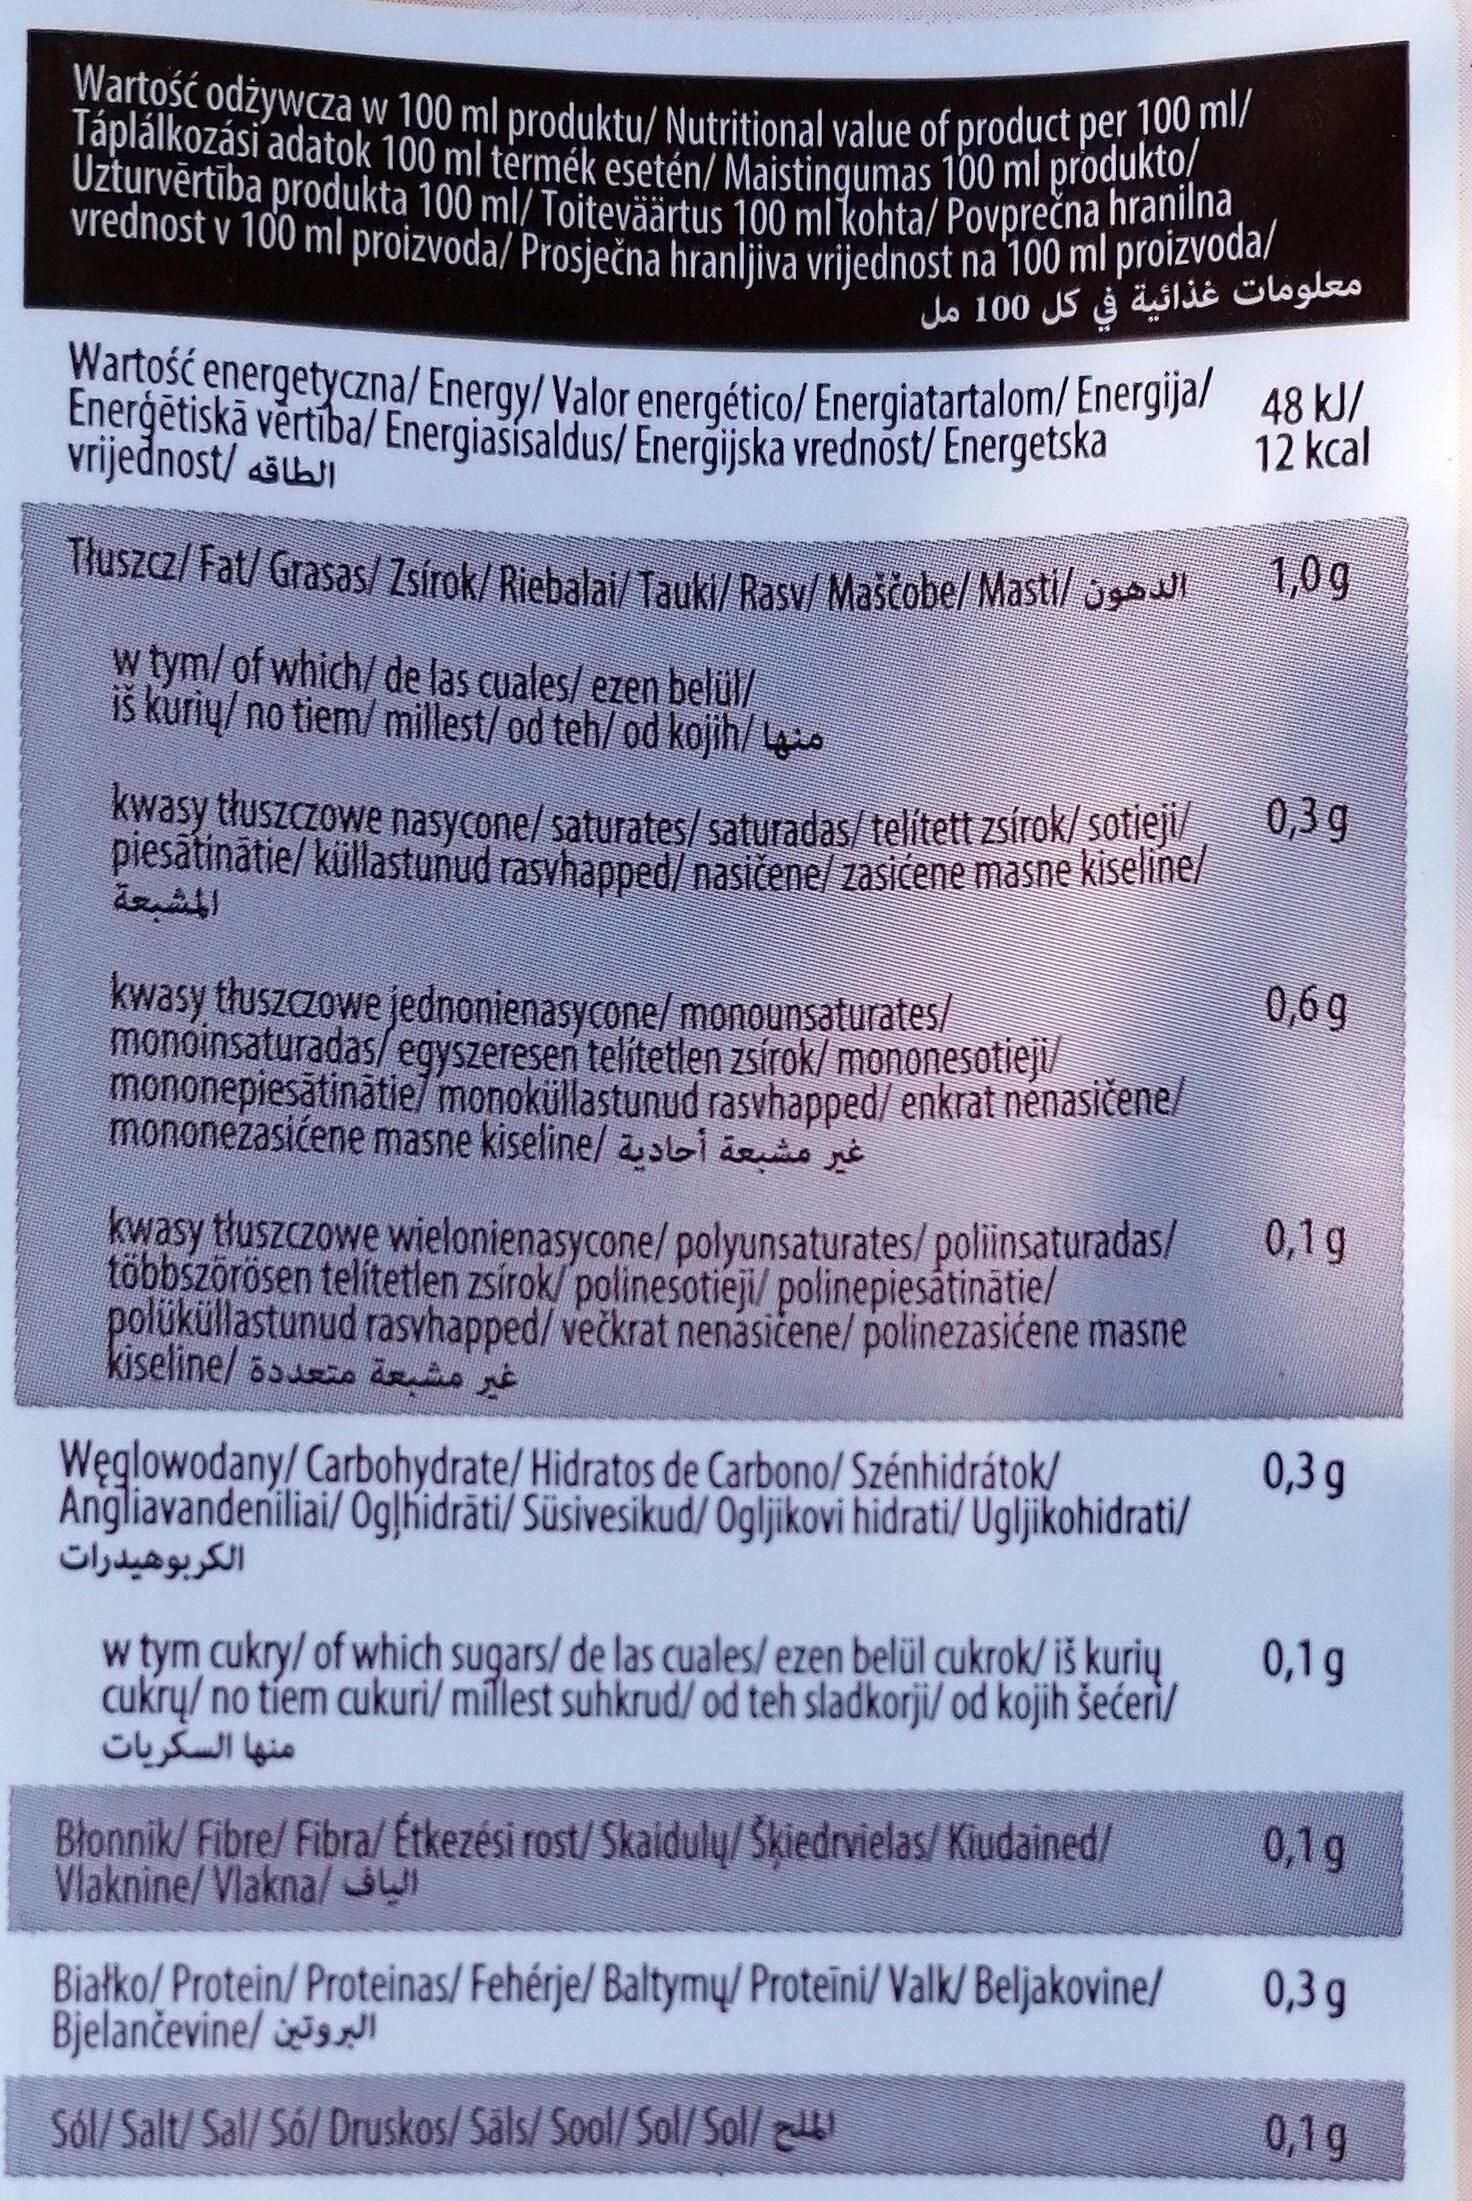 Almond drink organic UHT - Wartości odżywcze - pl